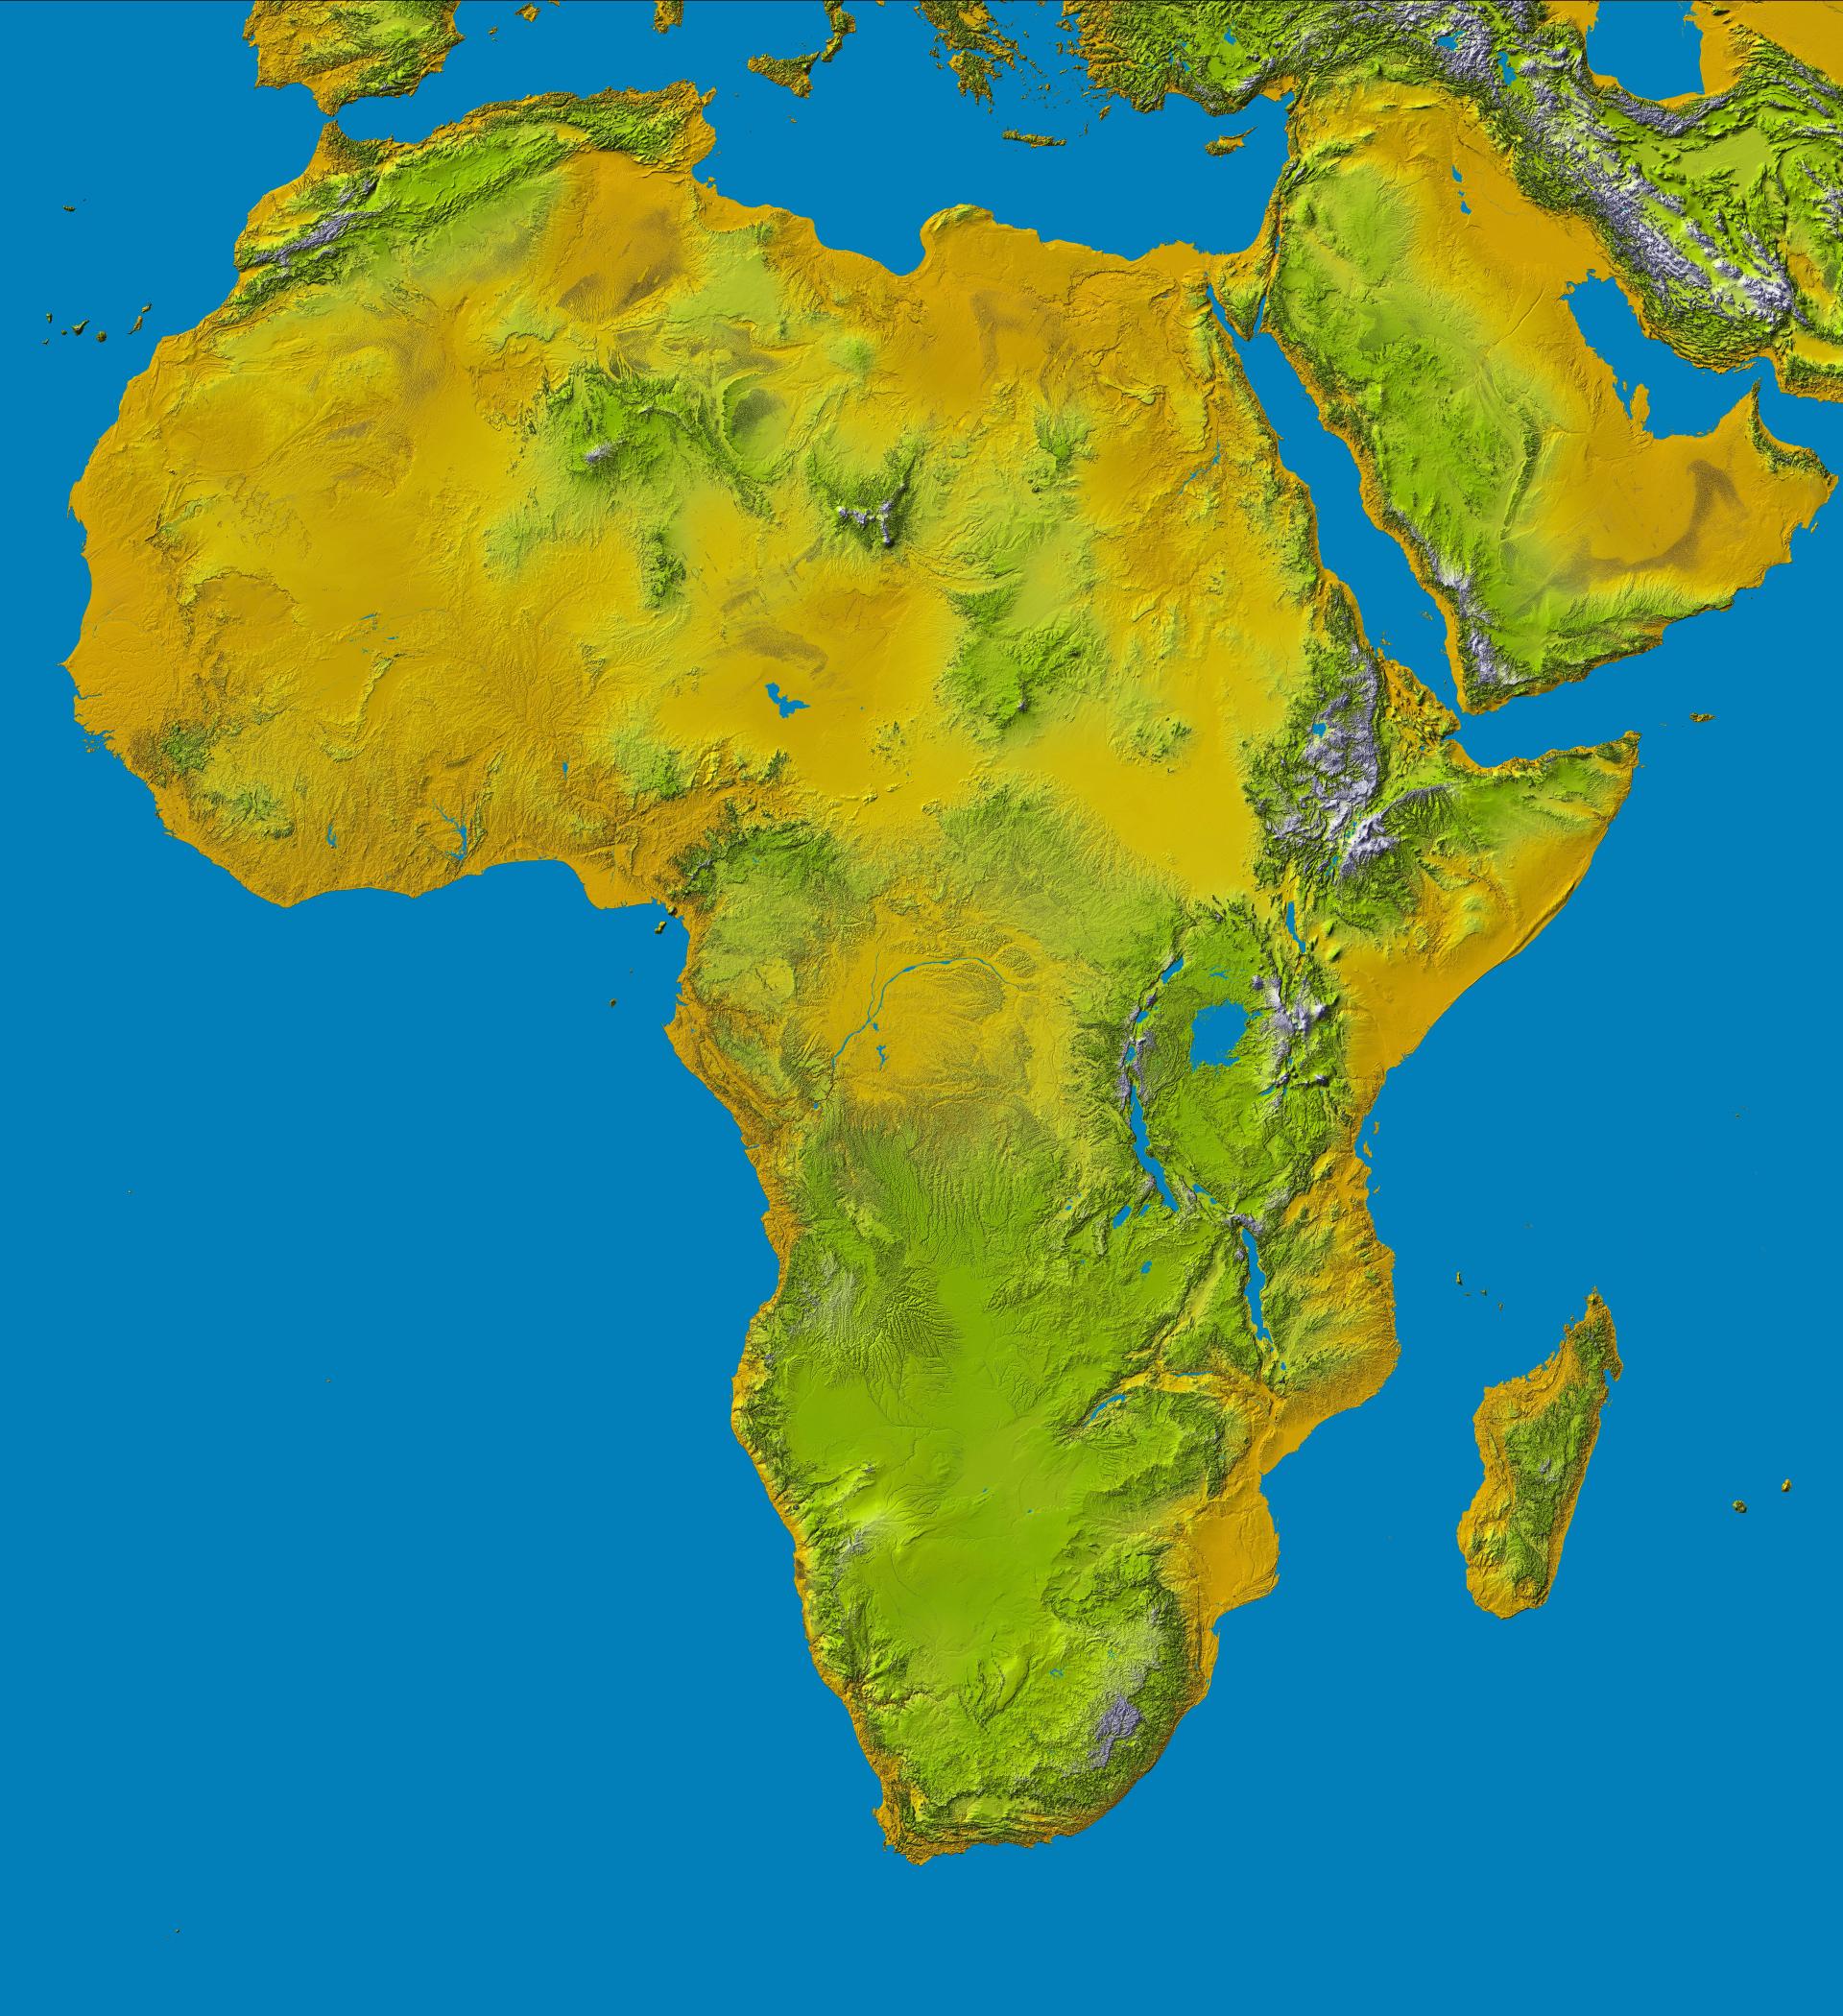 Carte De Lafrique Hydrographie.Ressources Educatives Libres Data Abuledu Org Les